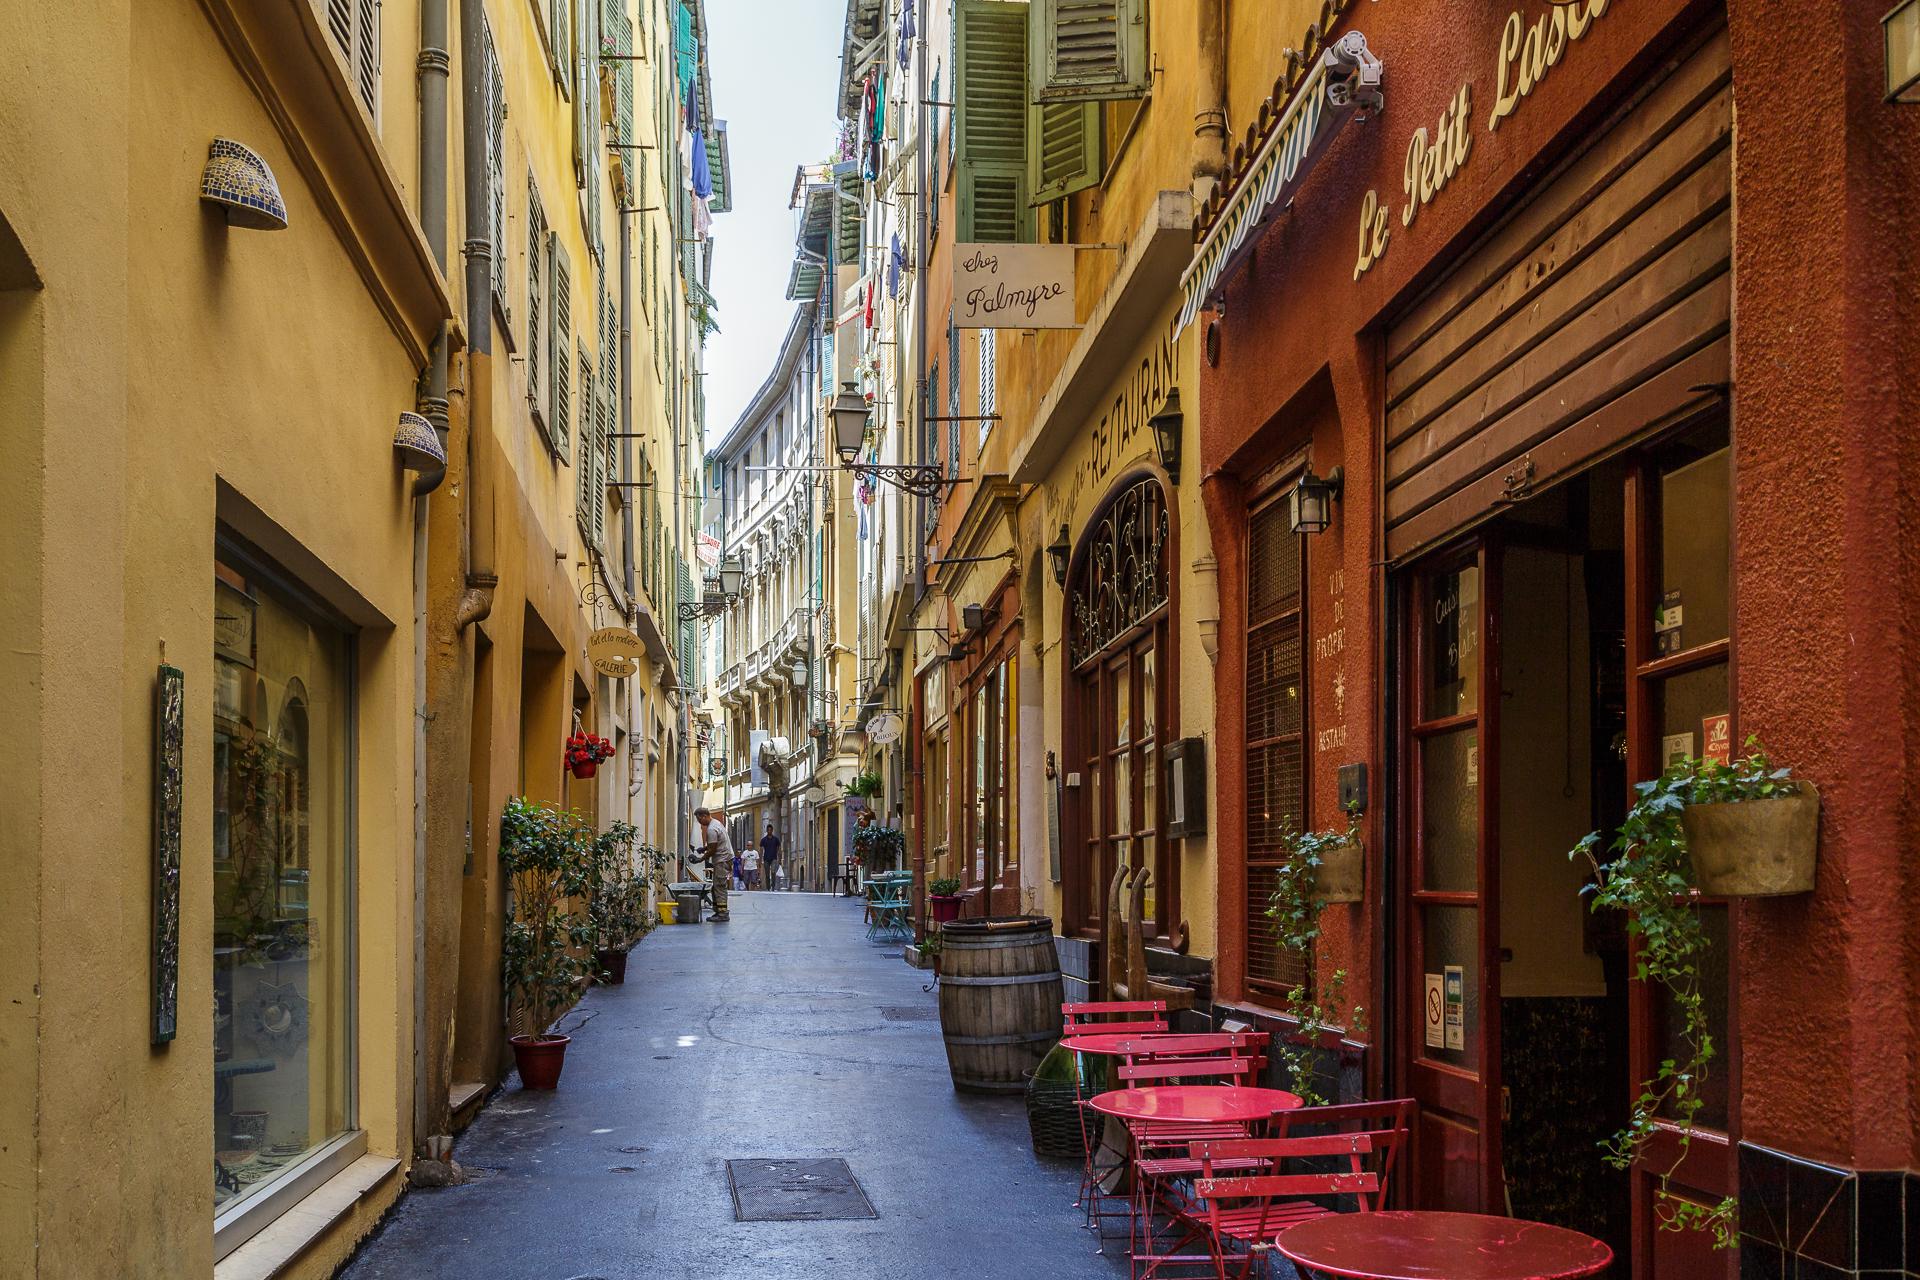 Nizza-Gassen-Altstadt